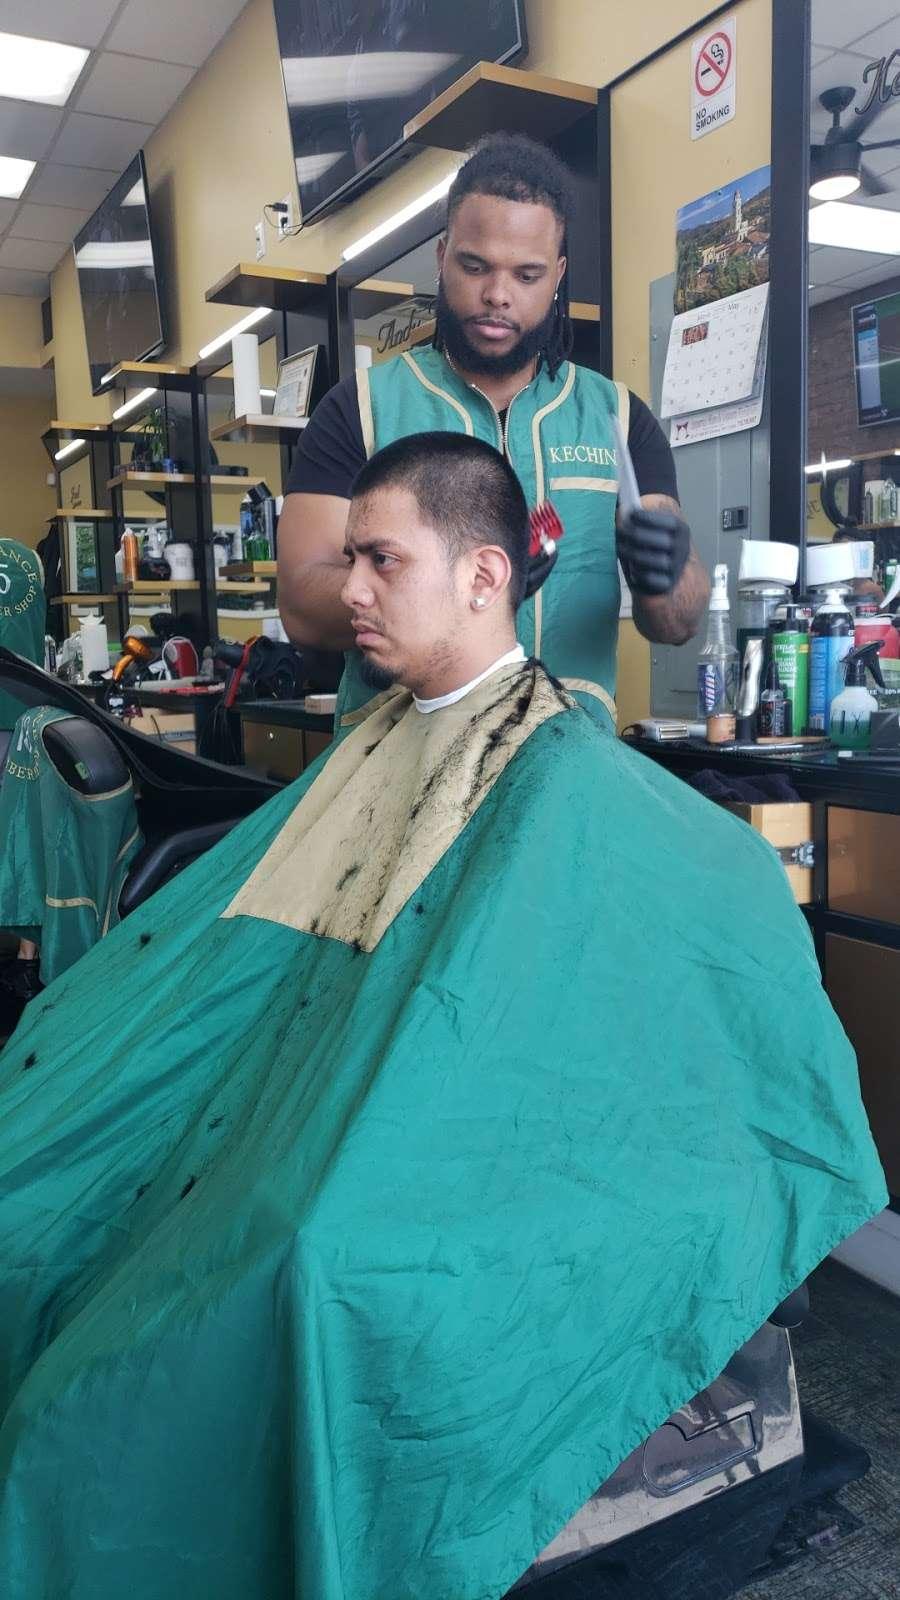 Elegance Barber Shop - hair care  | Photo 3 of 3 | Address: 10722 Corona Ave, Flushing, NY 11368, USA